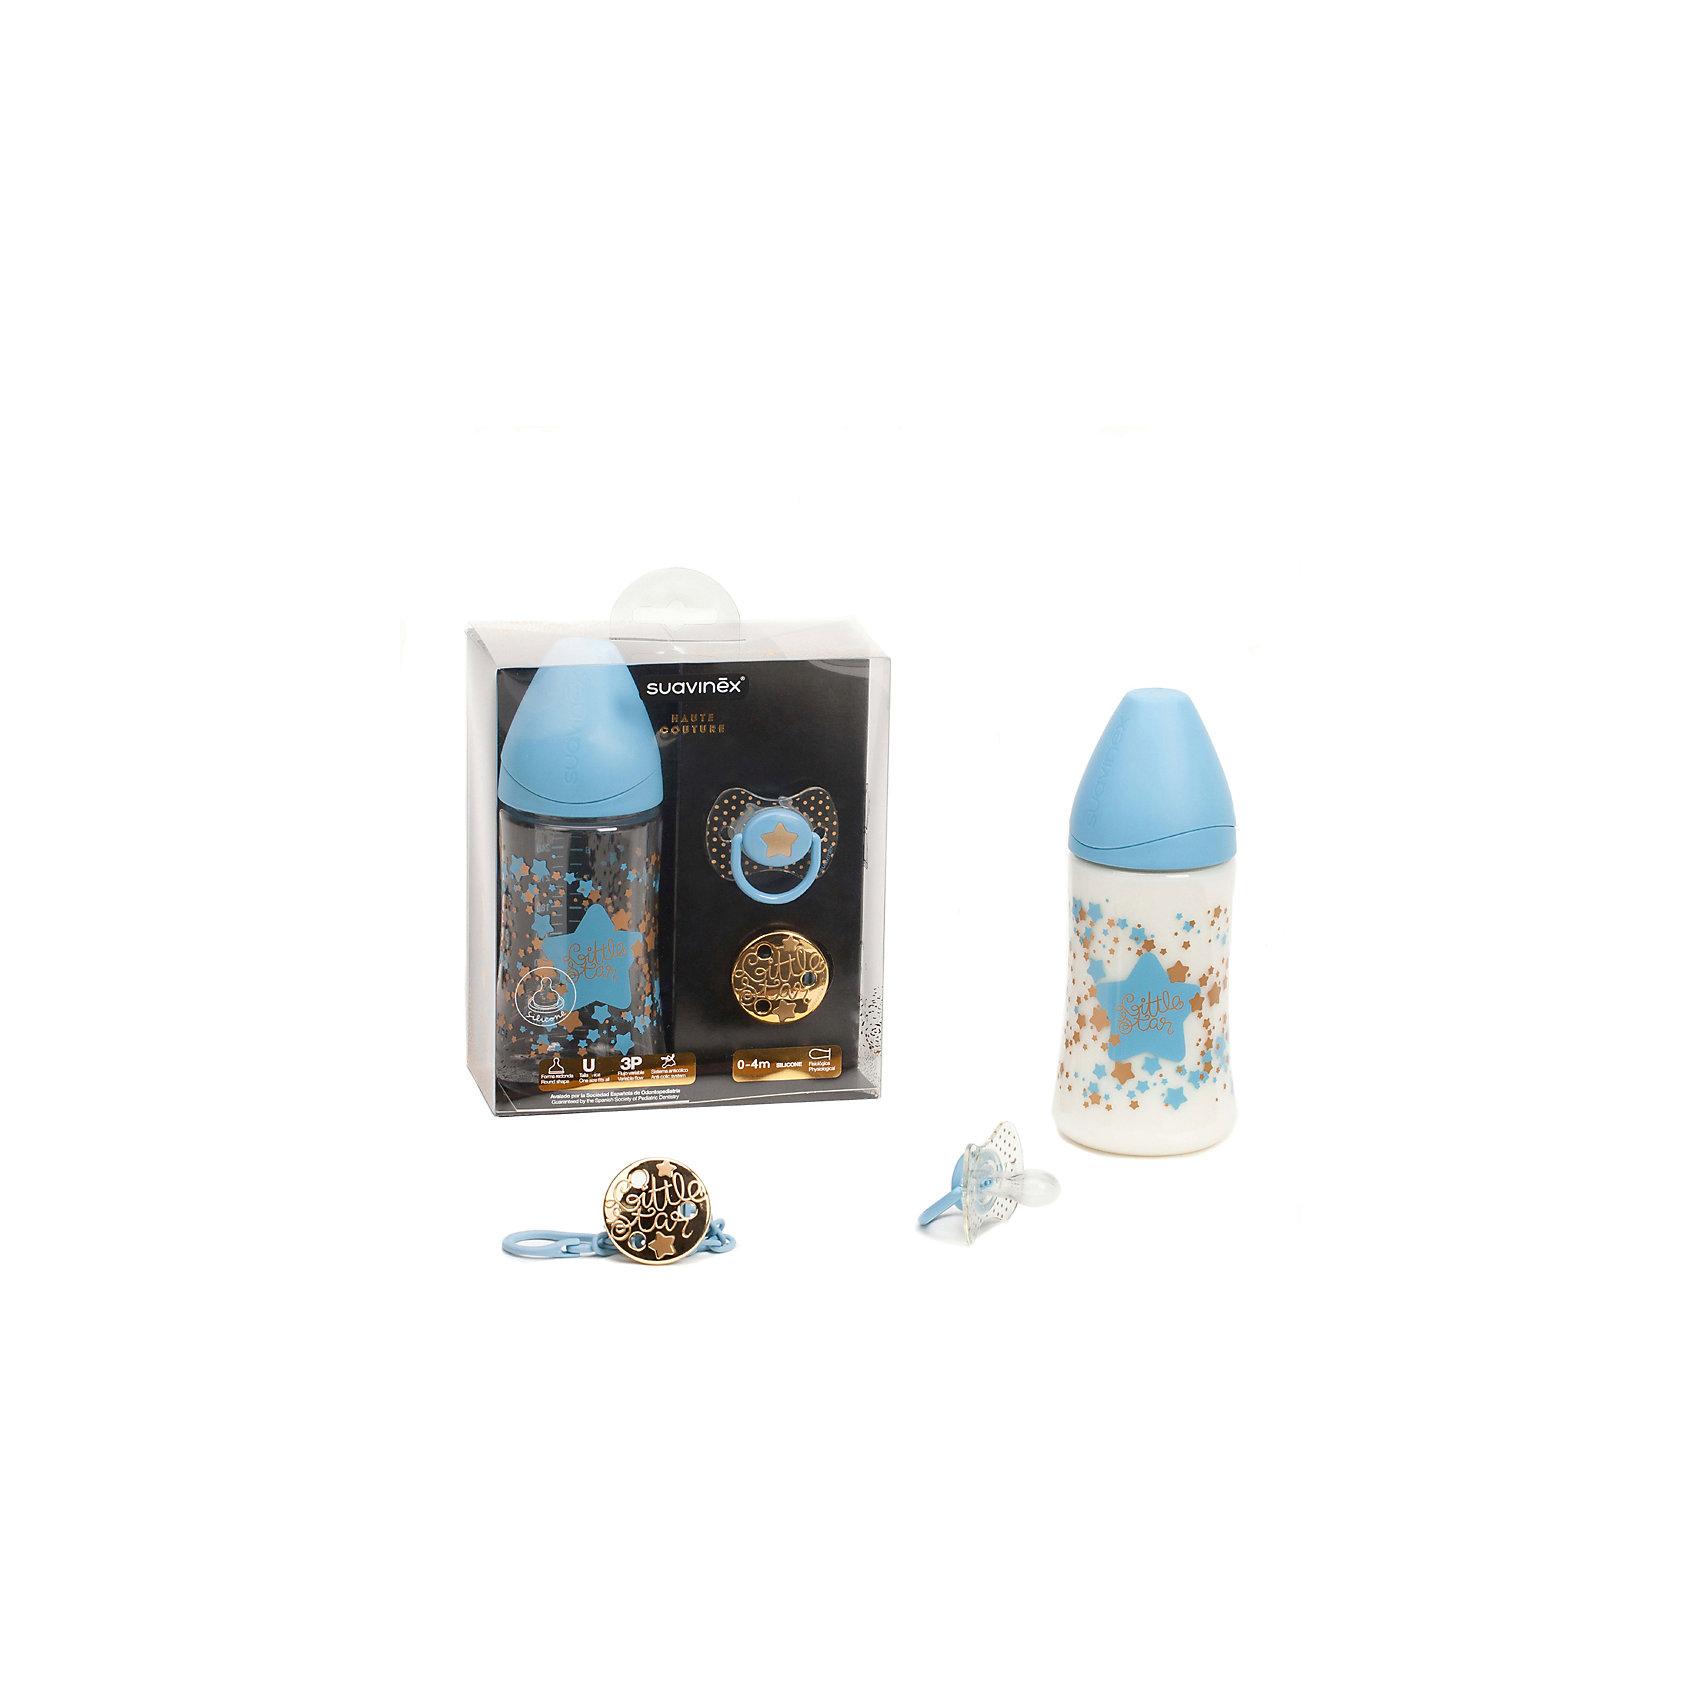 Набор бутылочка 270 мл+соска+держатель 0-4 мес Haute Couture ,Suavinex, голубой звезда